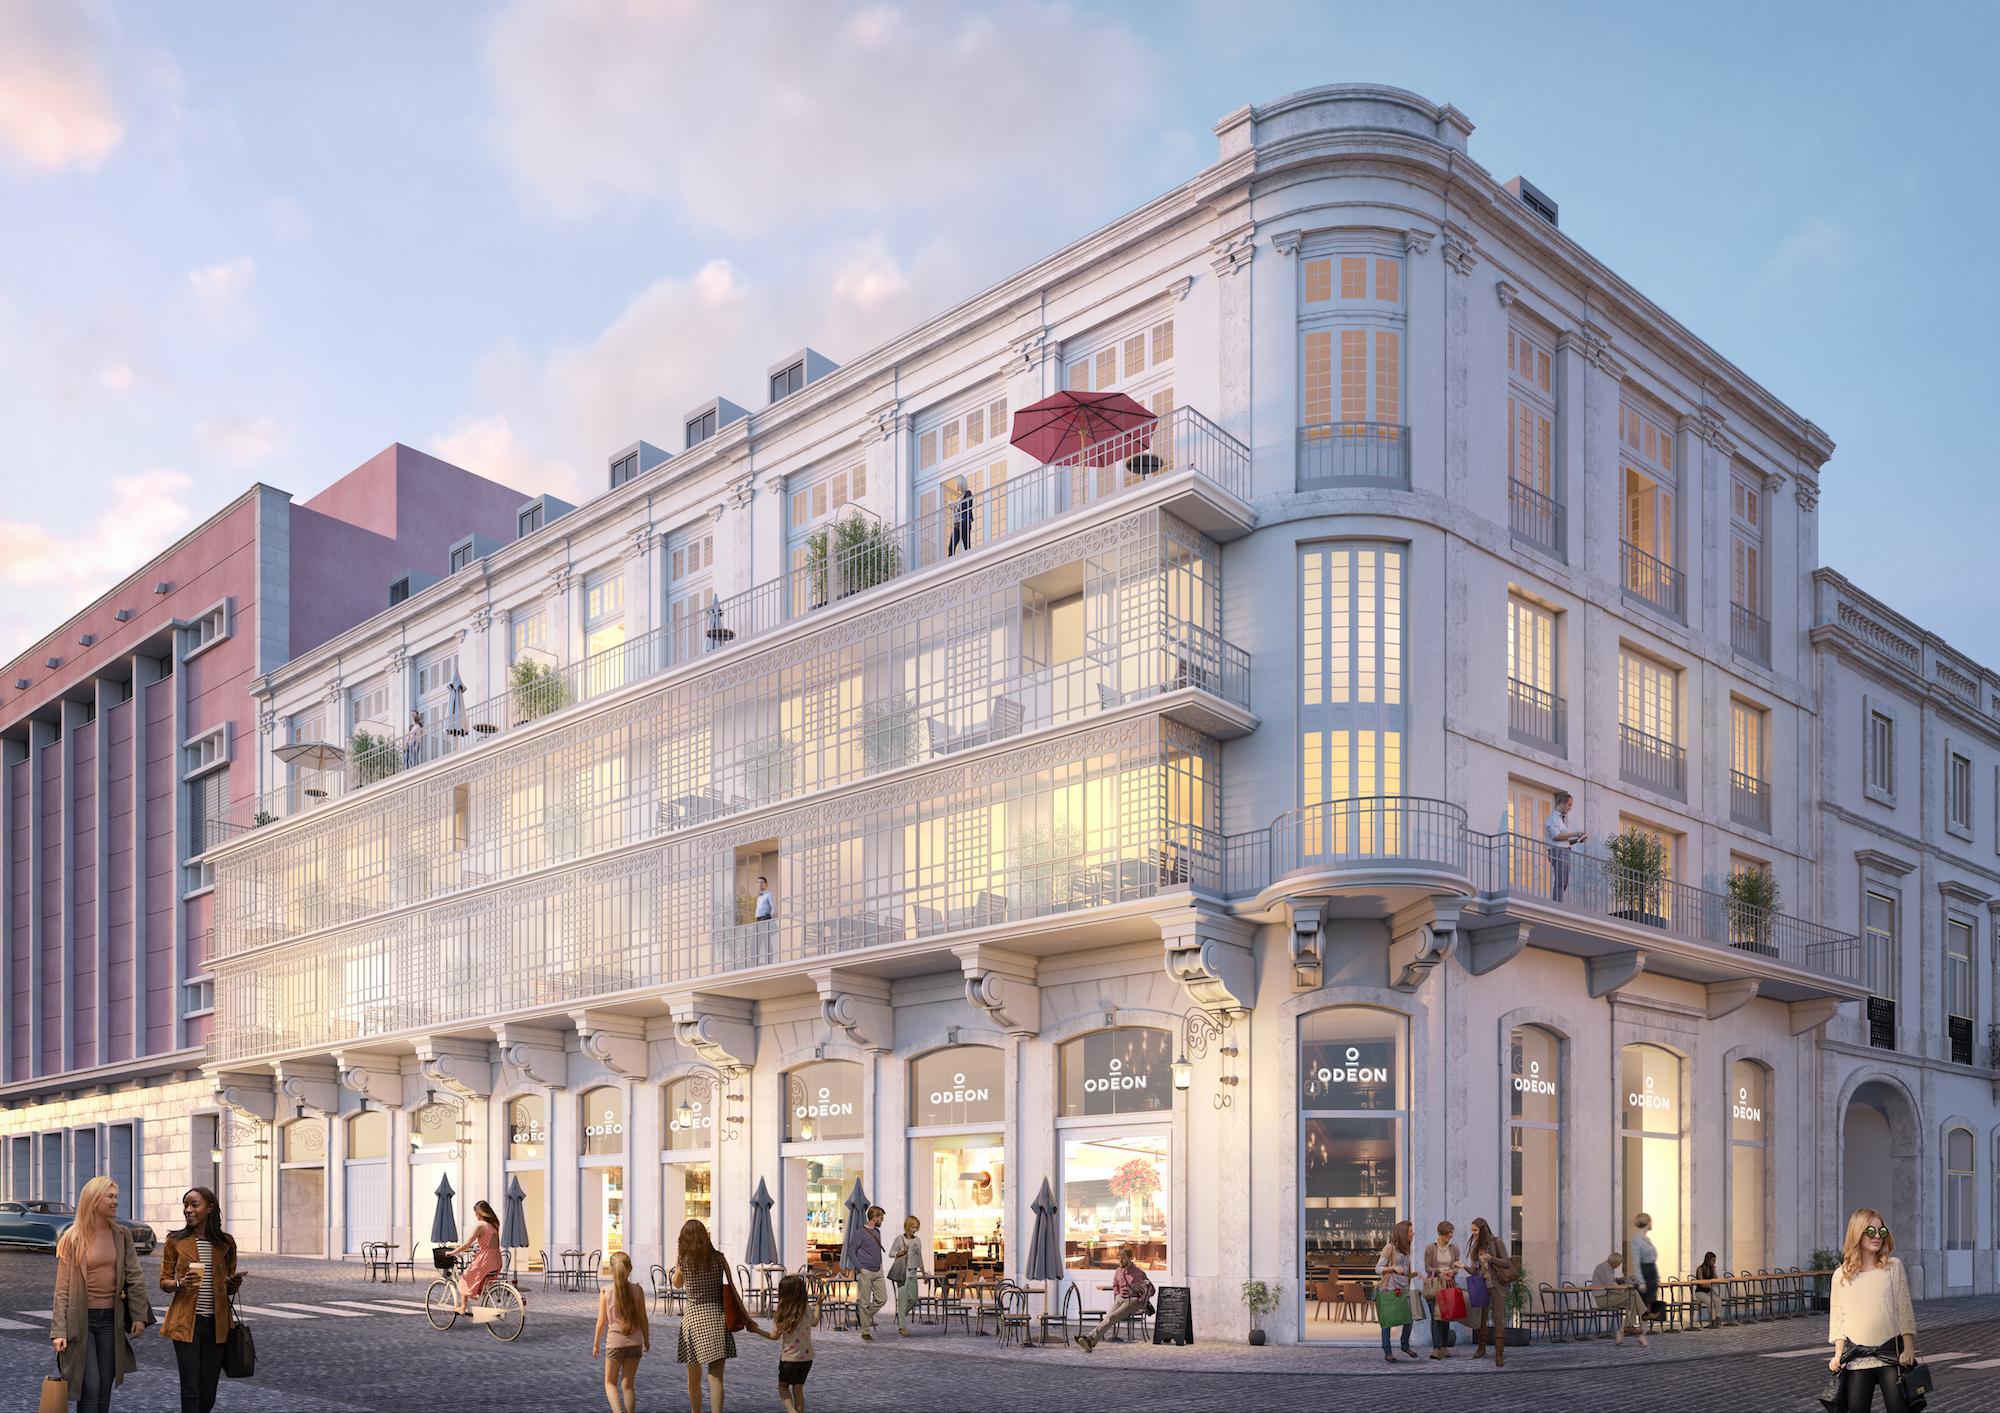 Assim será a fachada do icónico edifício Odeon, que terá dez apartamentos de luxo / ODEON Properties